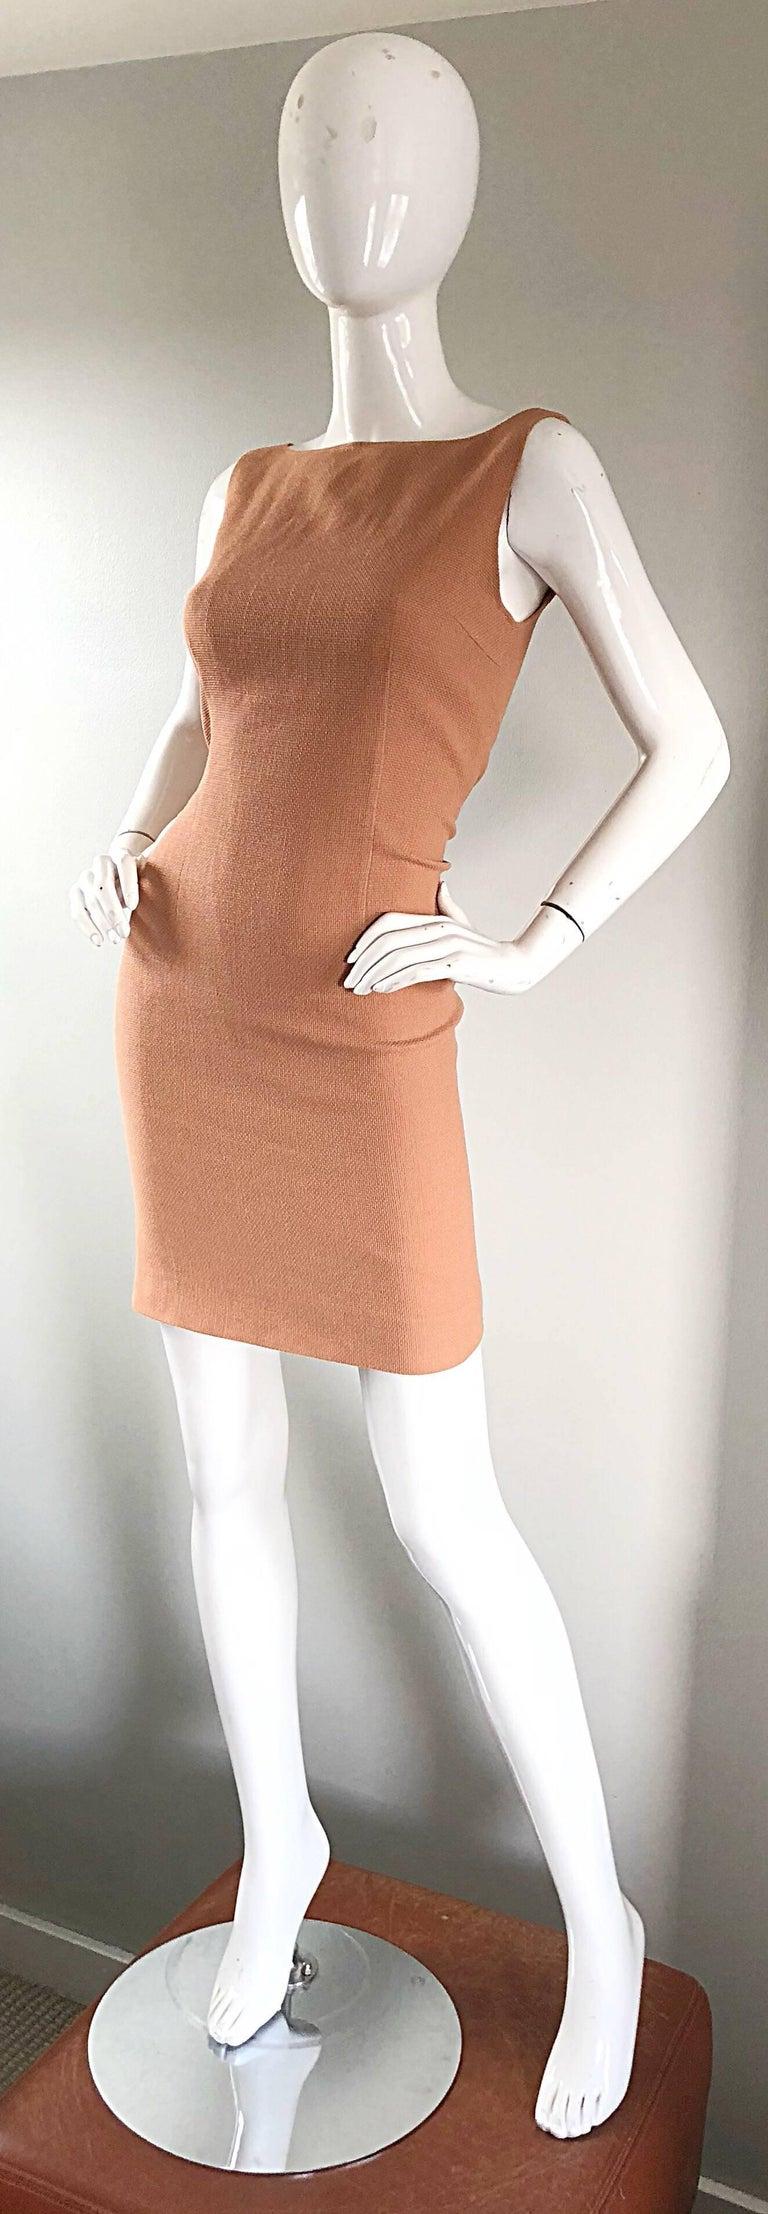 Luca Luca 1990s Terra Cotta Tan Sz 8 / 10 Virgin Wool Italian Vintage 90s Dress For Sale 1